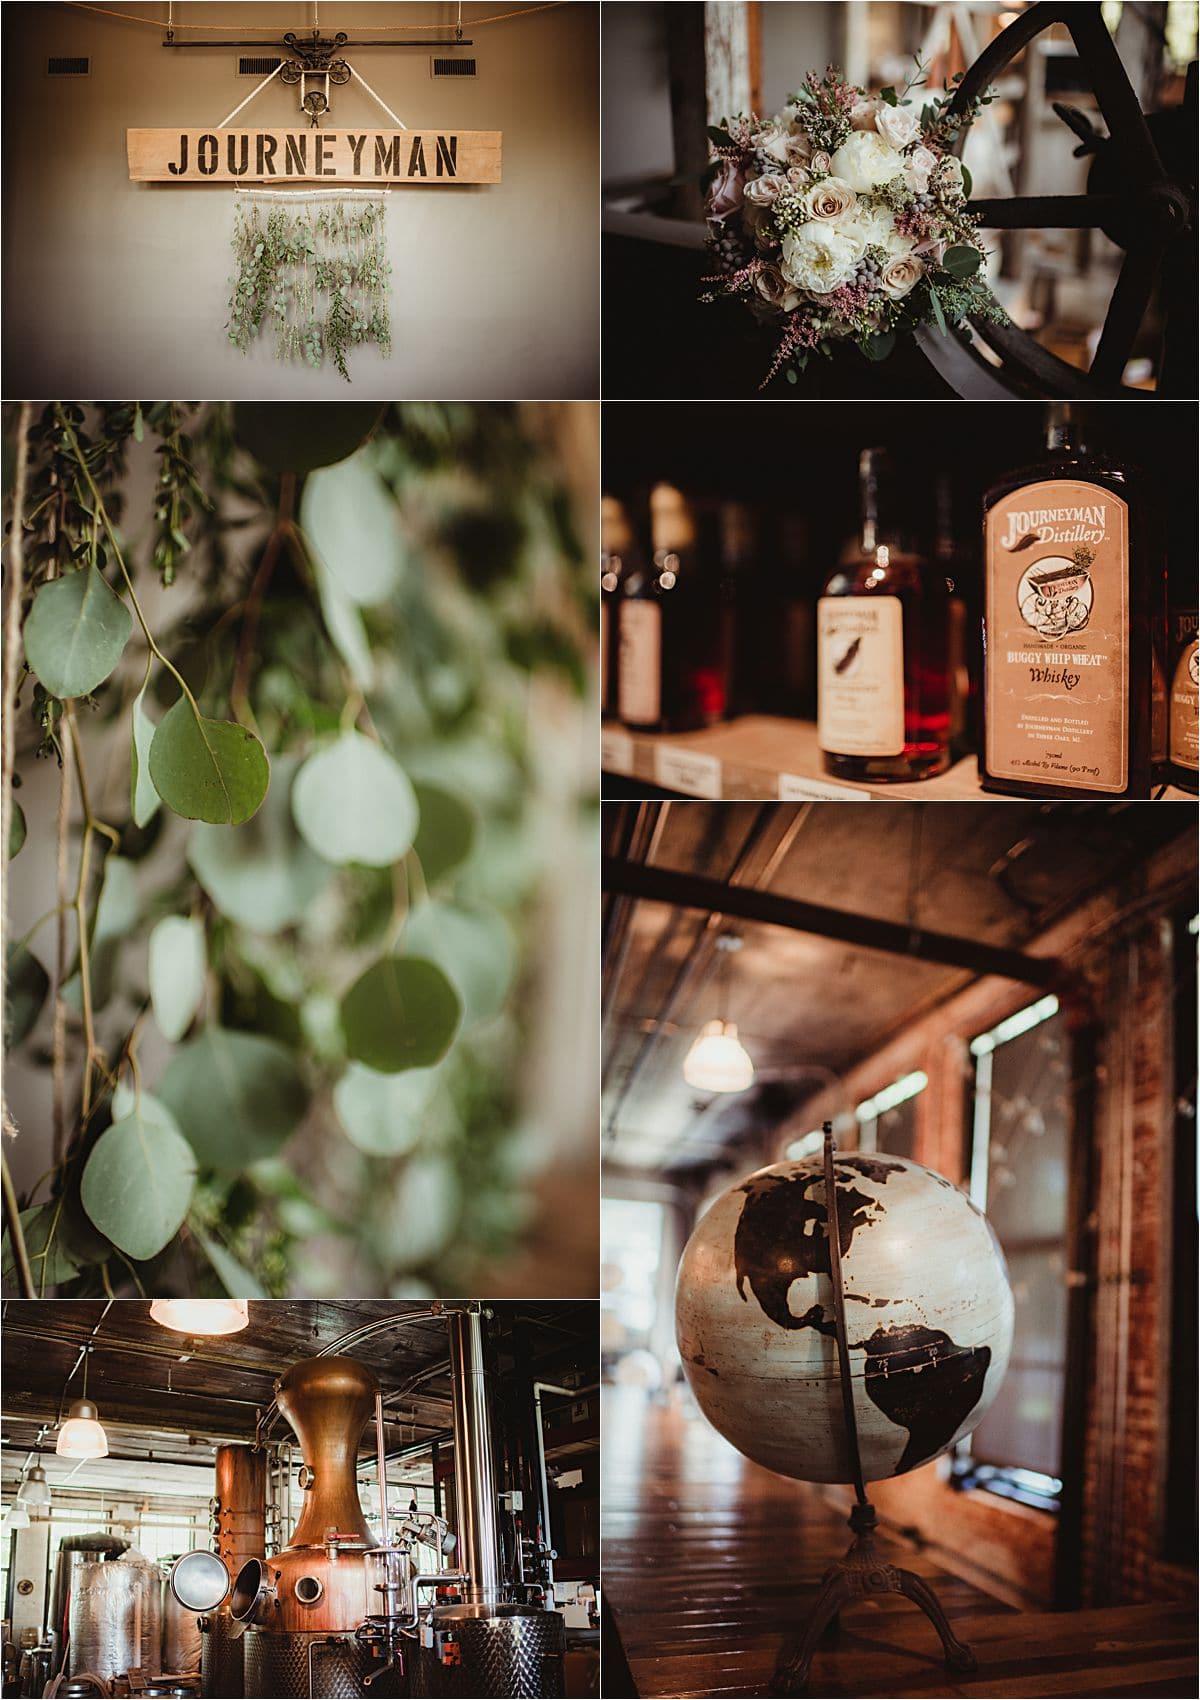 Journeyman Distillery Reception Details